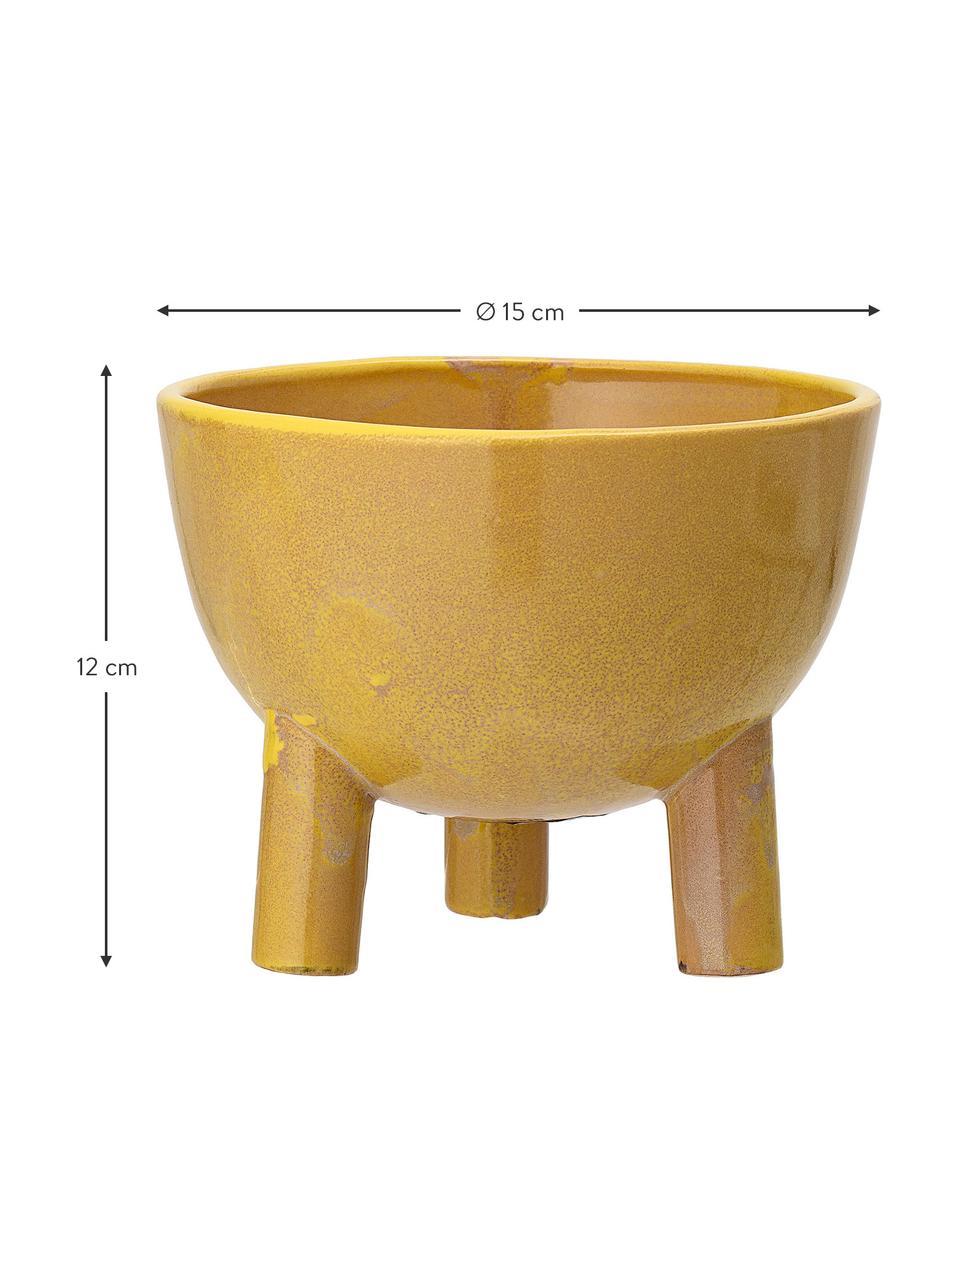 Kleiner handgefertigter Übertopf Aaren aus Steingut, Steingut, Gelb, Ø 15 x H 12 cm